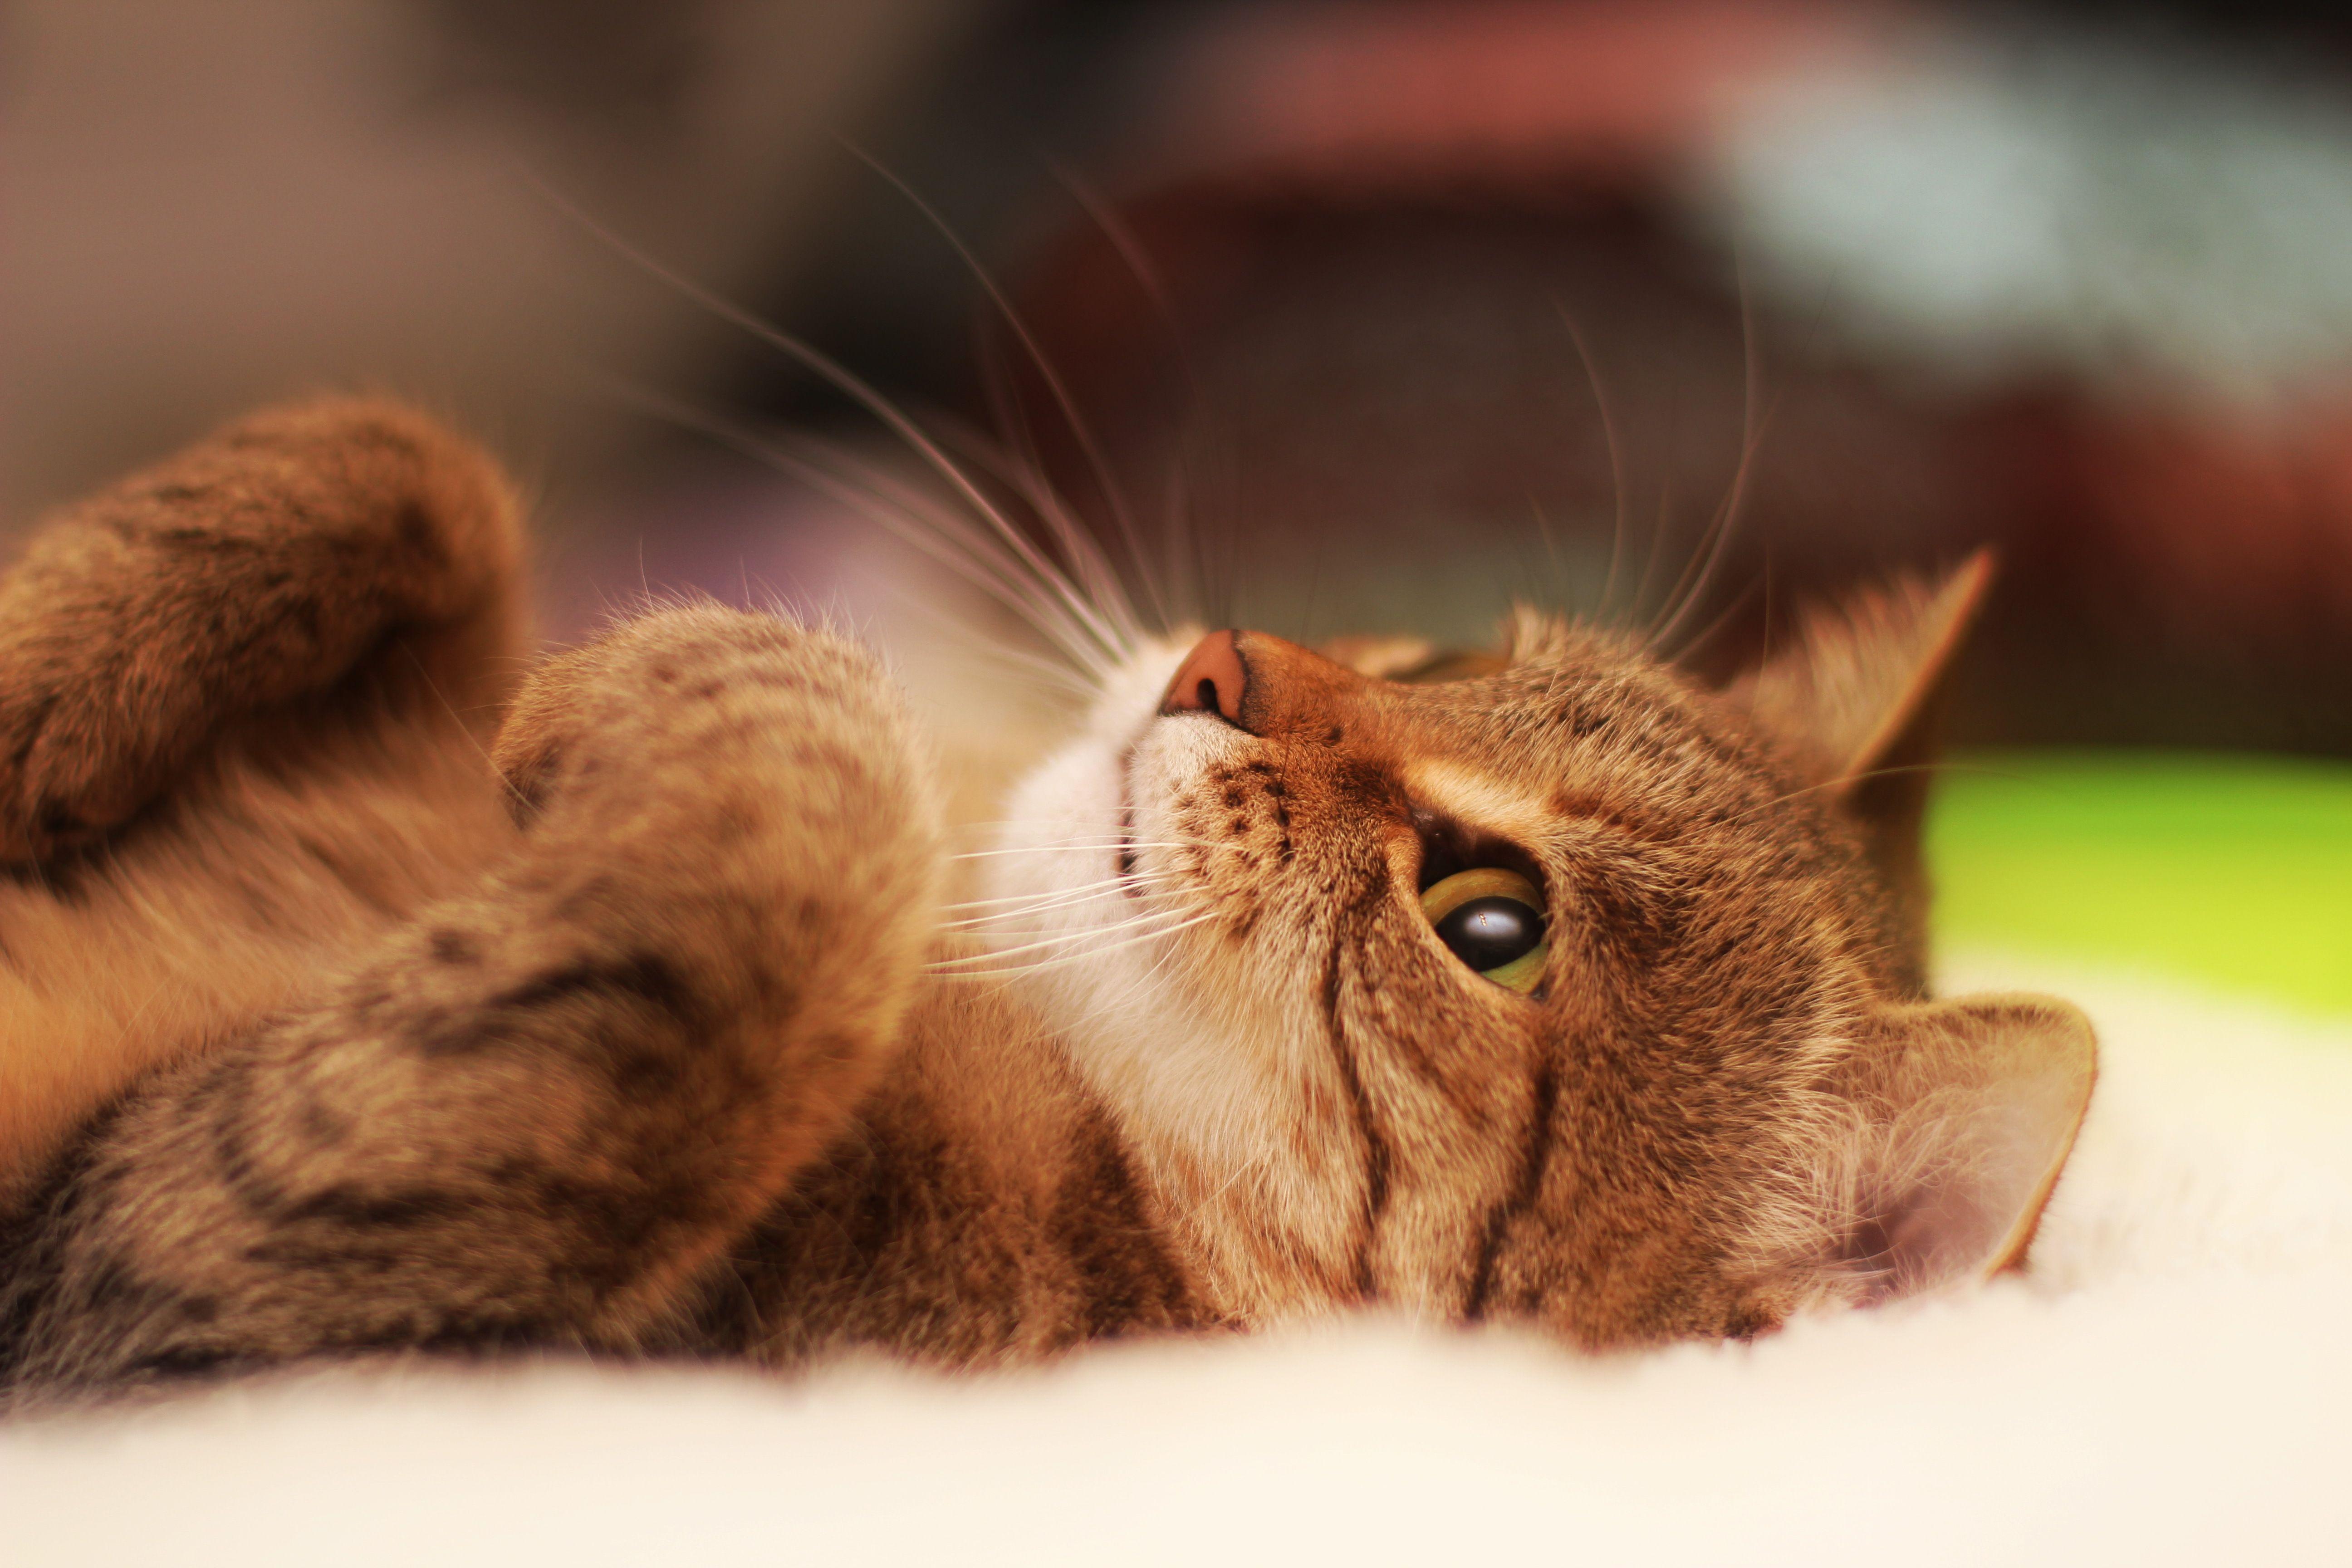 خلفية 5184x3456 4K Ultra HD Cat وصورة الخلفية